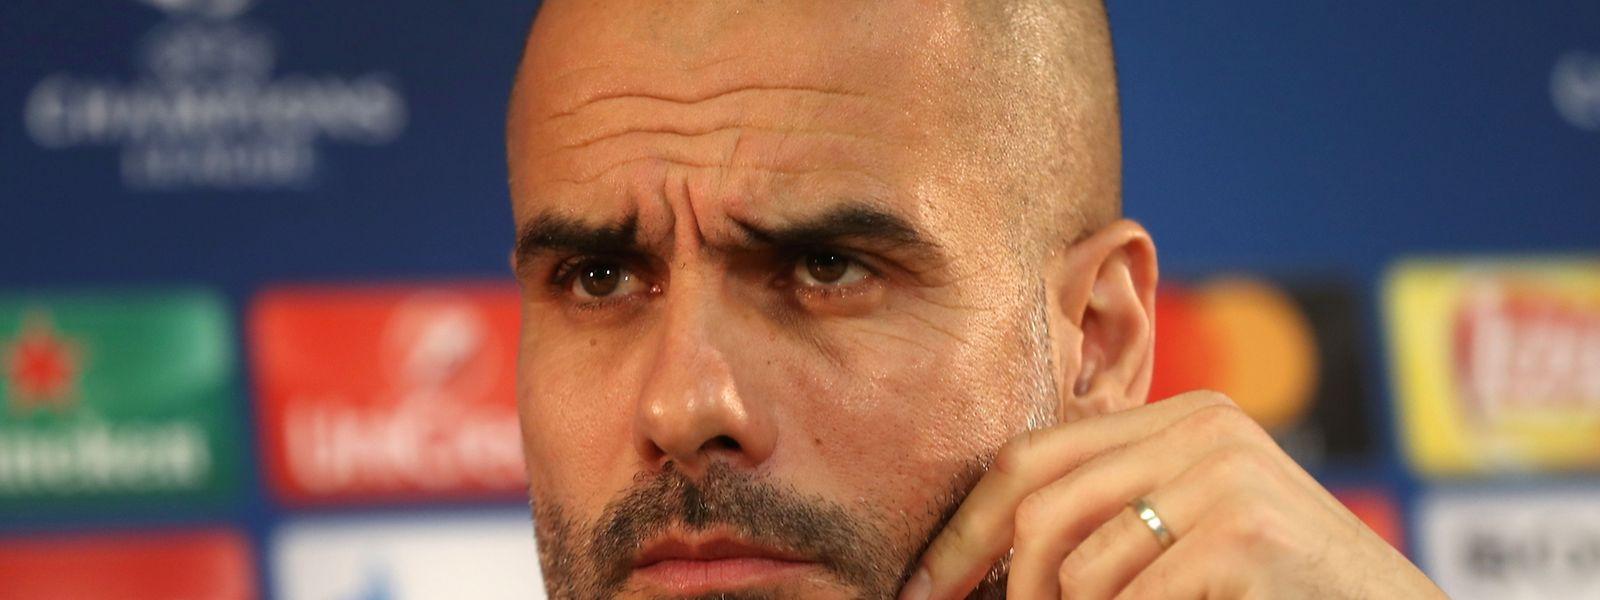 """Pep Guardiola: Erstmal musst du davon träumen, im Viertelfinale zu stehen, dann kannst du daran glauben, es zu erreichen."""""""